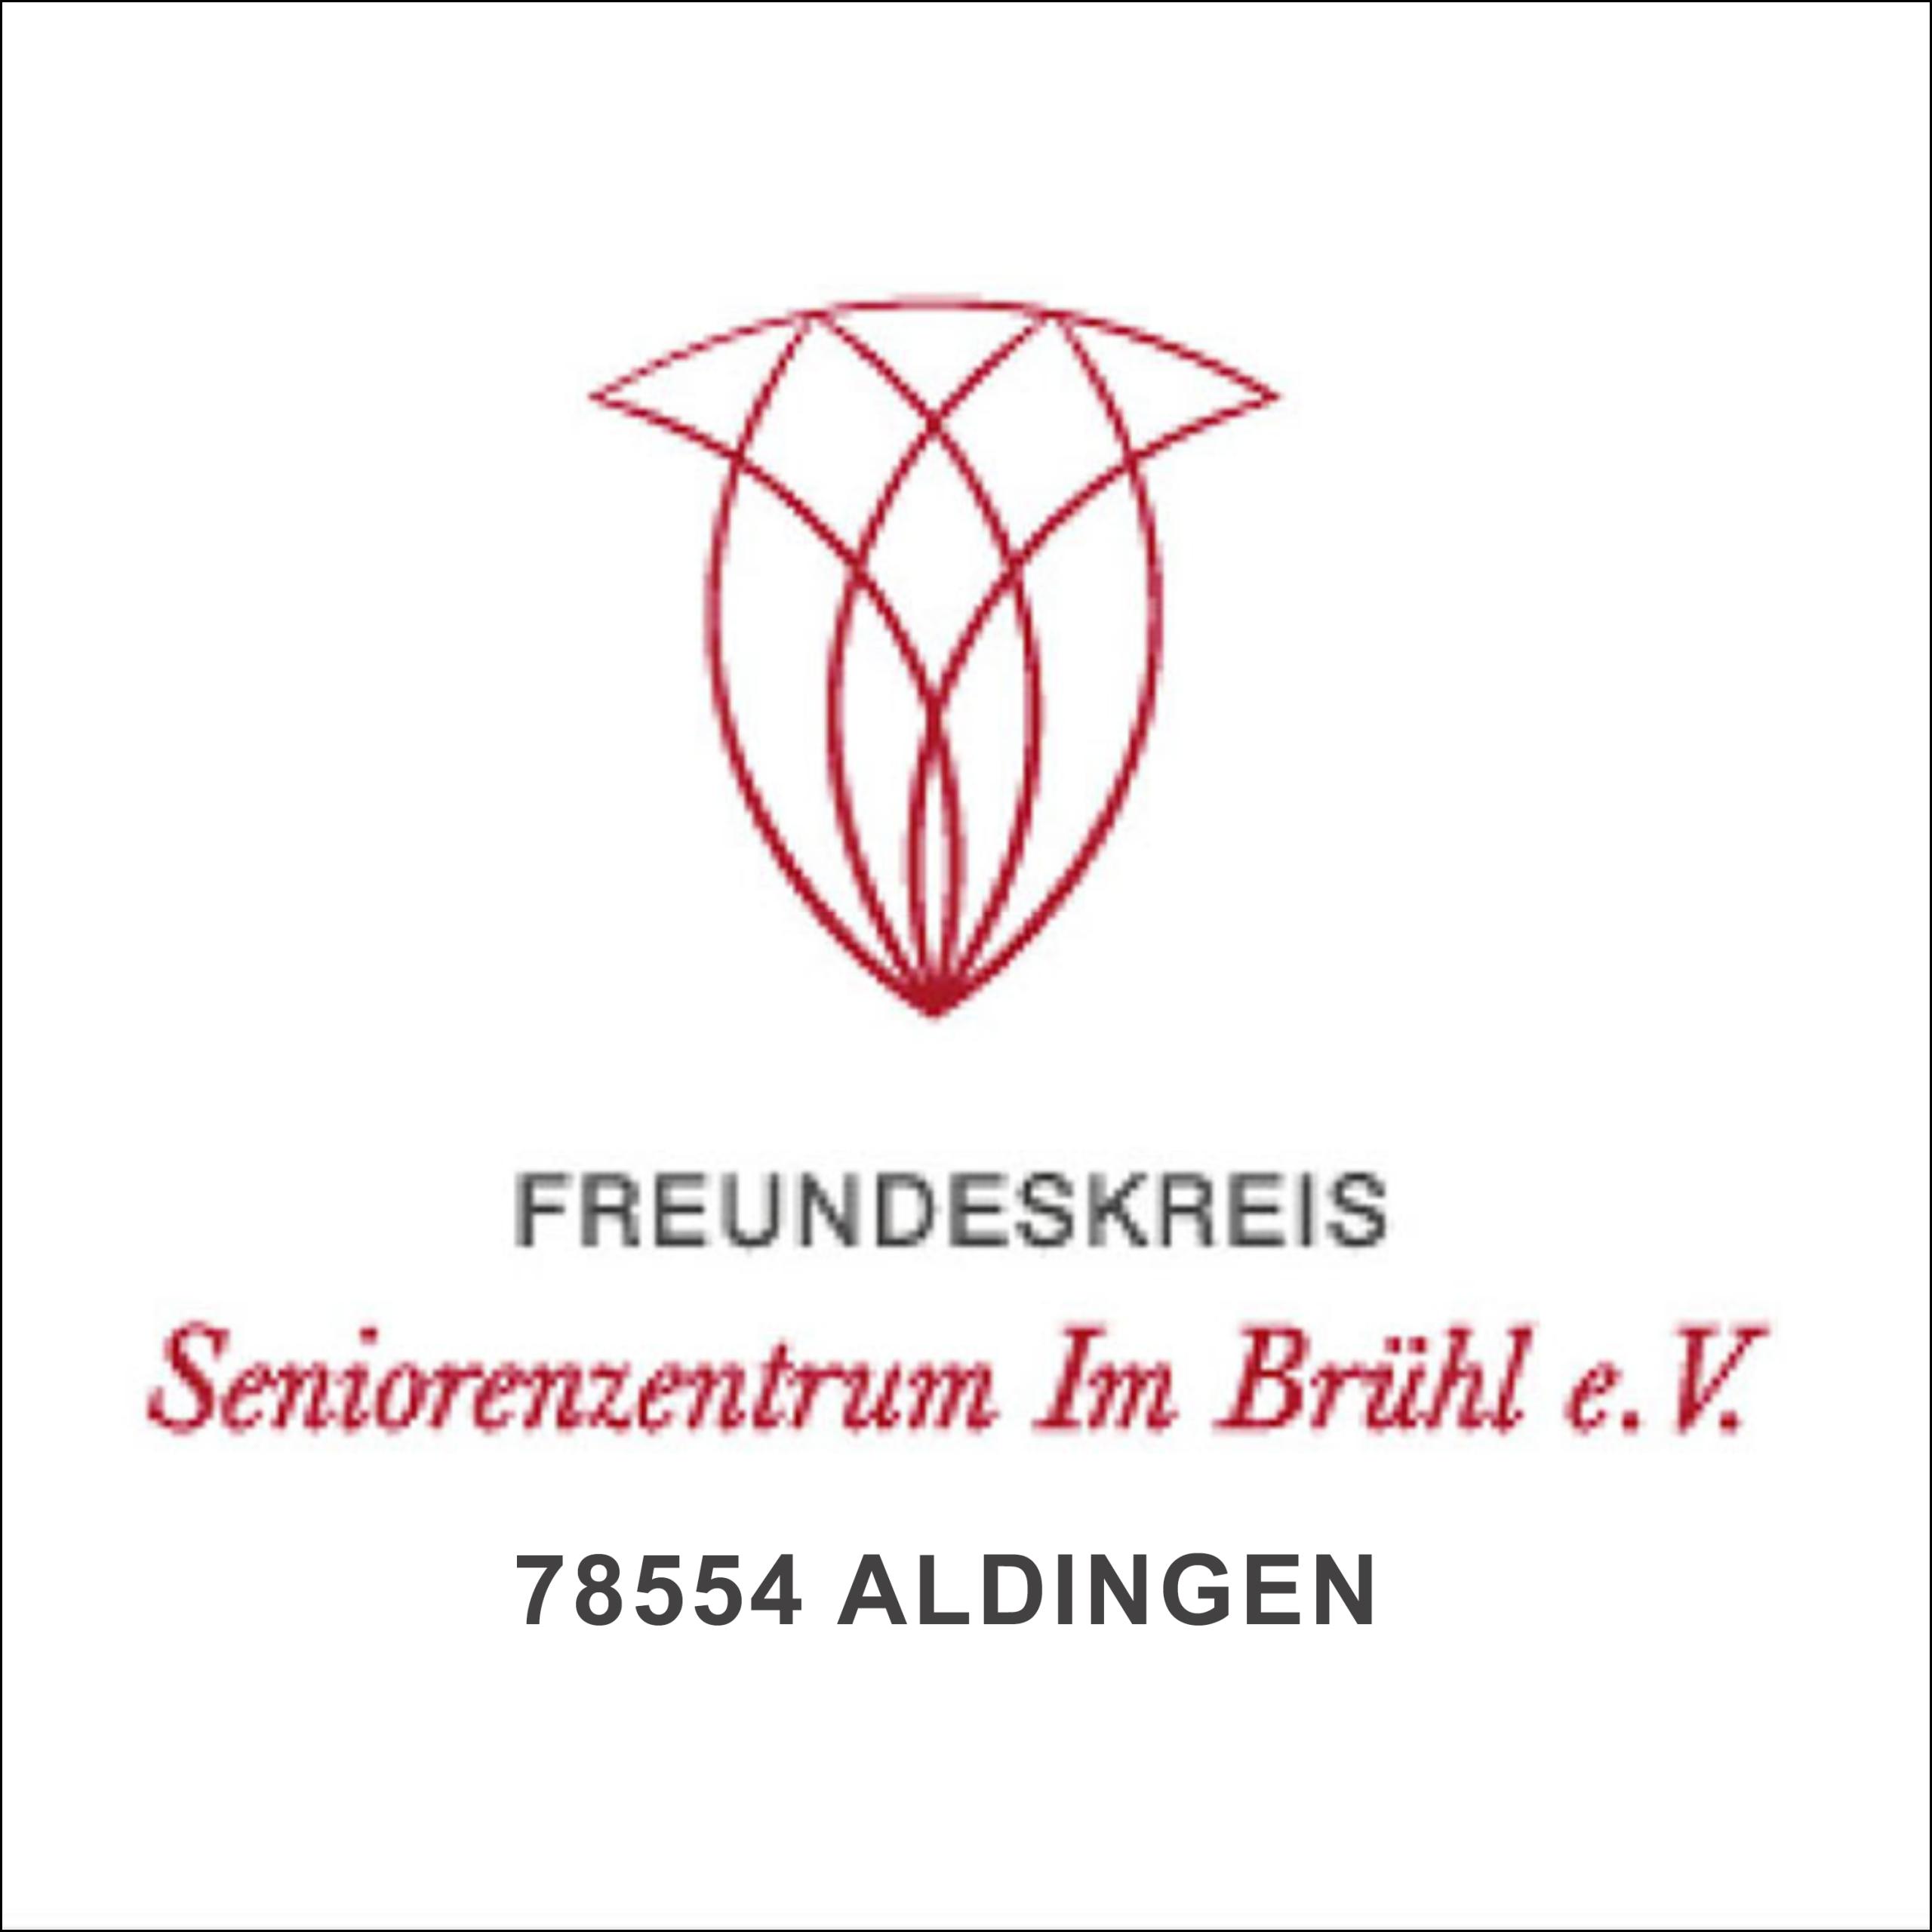 Freundeskreis Seniorenzentrum im Brühl e.V. Aldingen